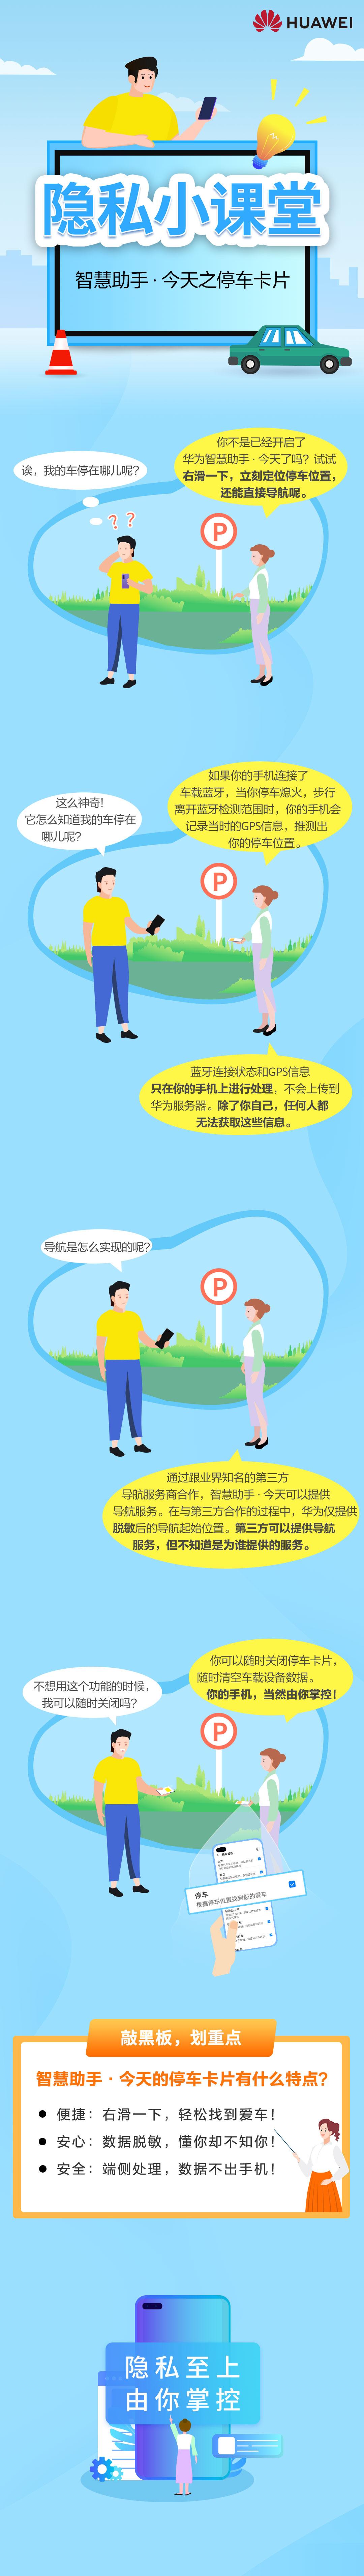 隐私小课堂-智慧助手-停车卡片V2.jpg